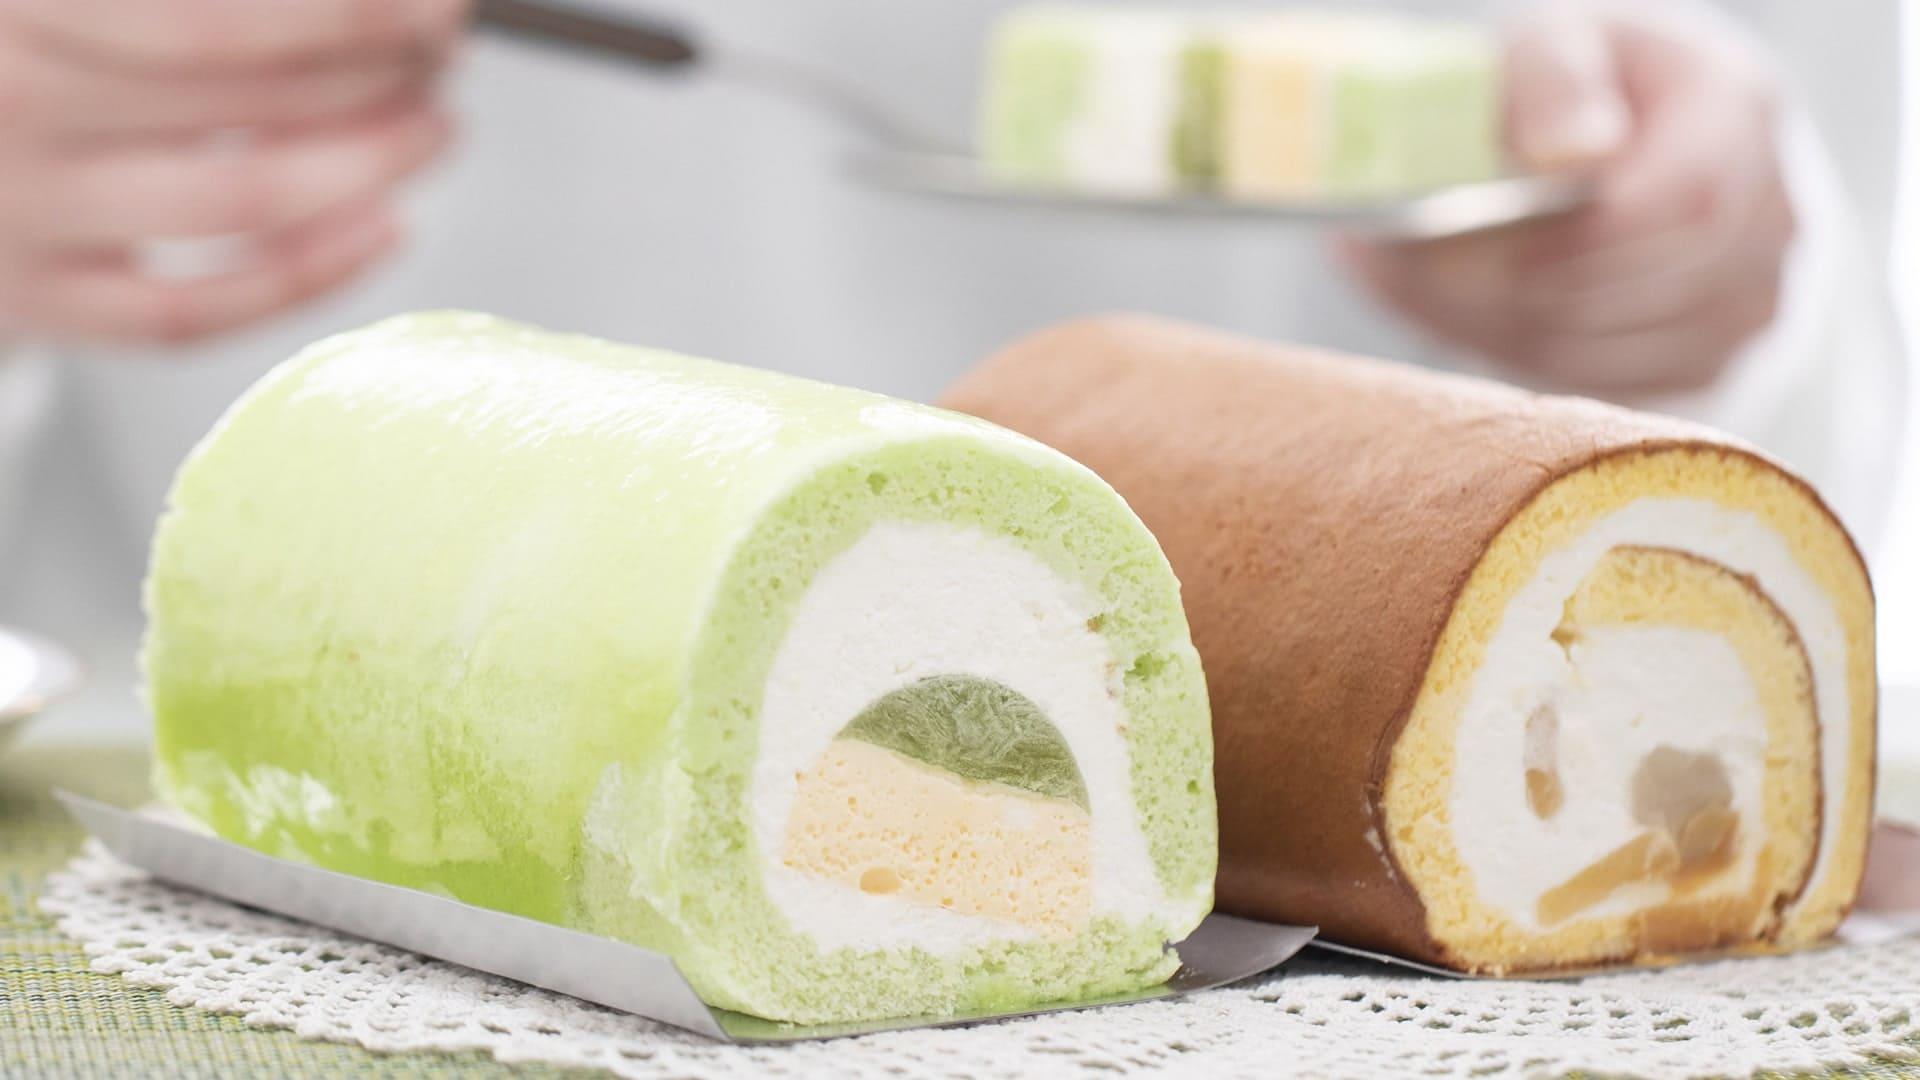 メロンとりんごロールケーキのセット